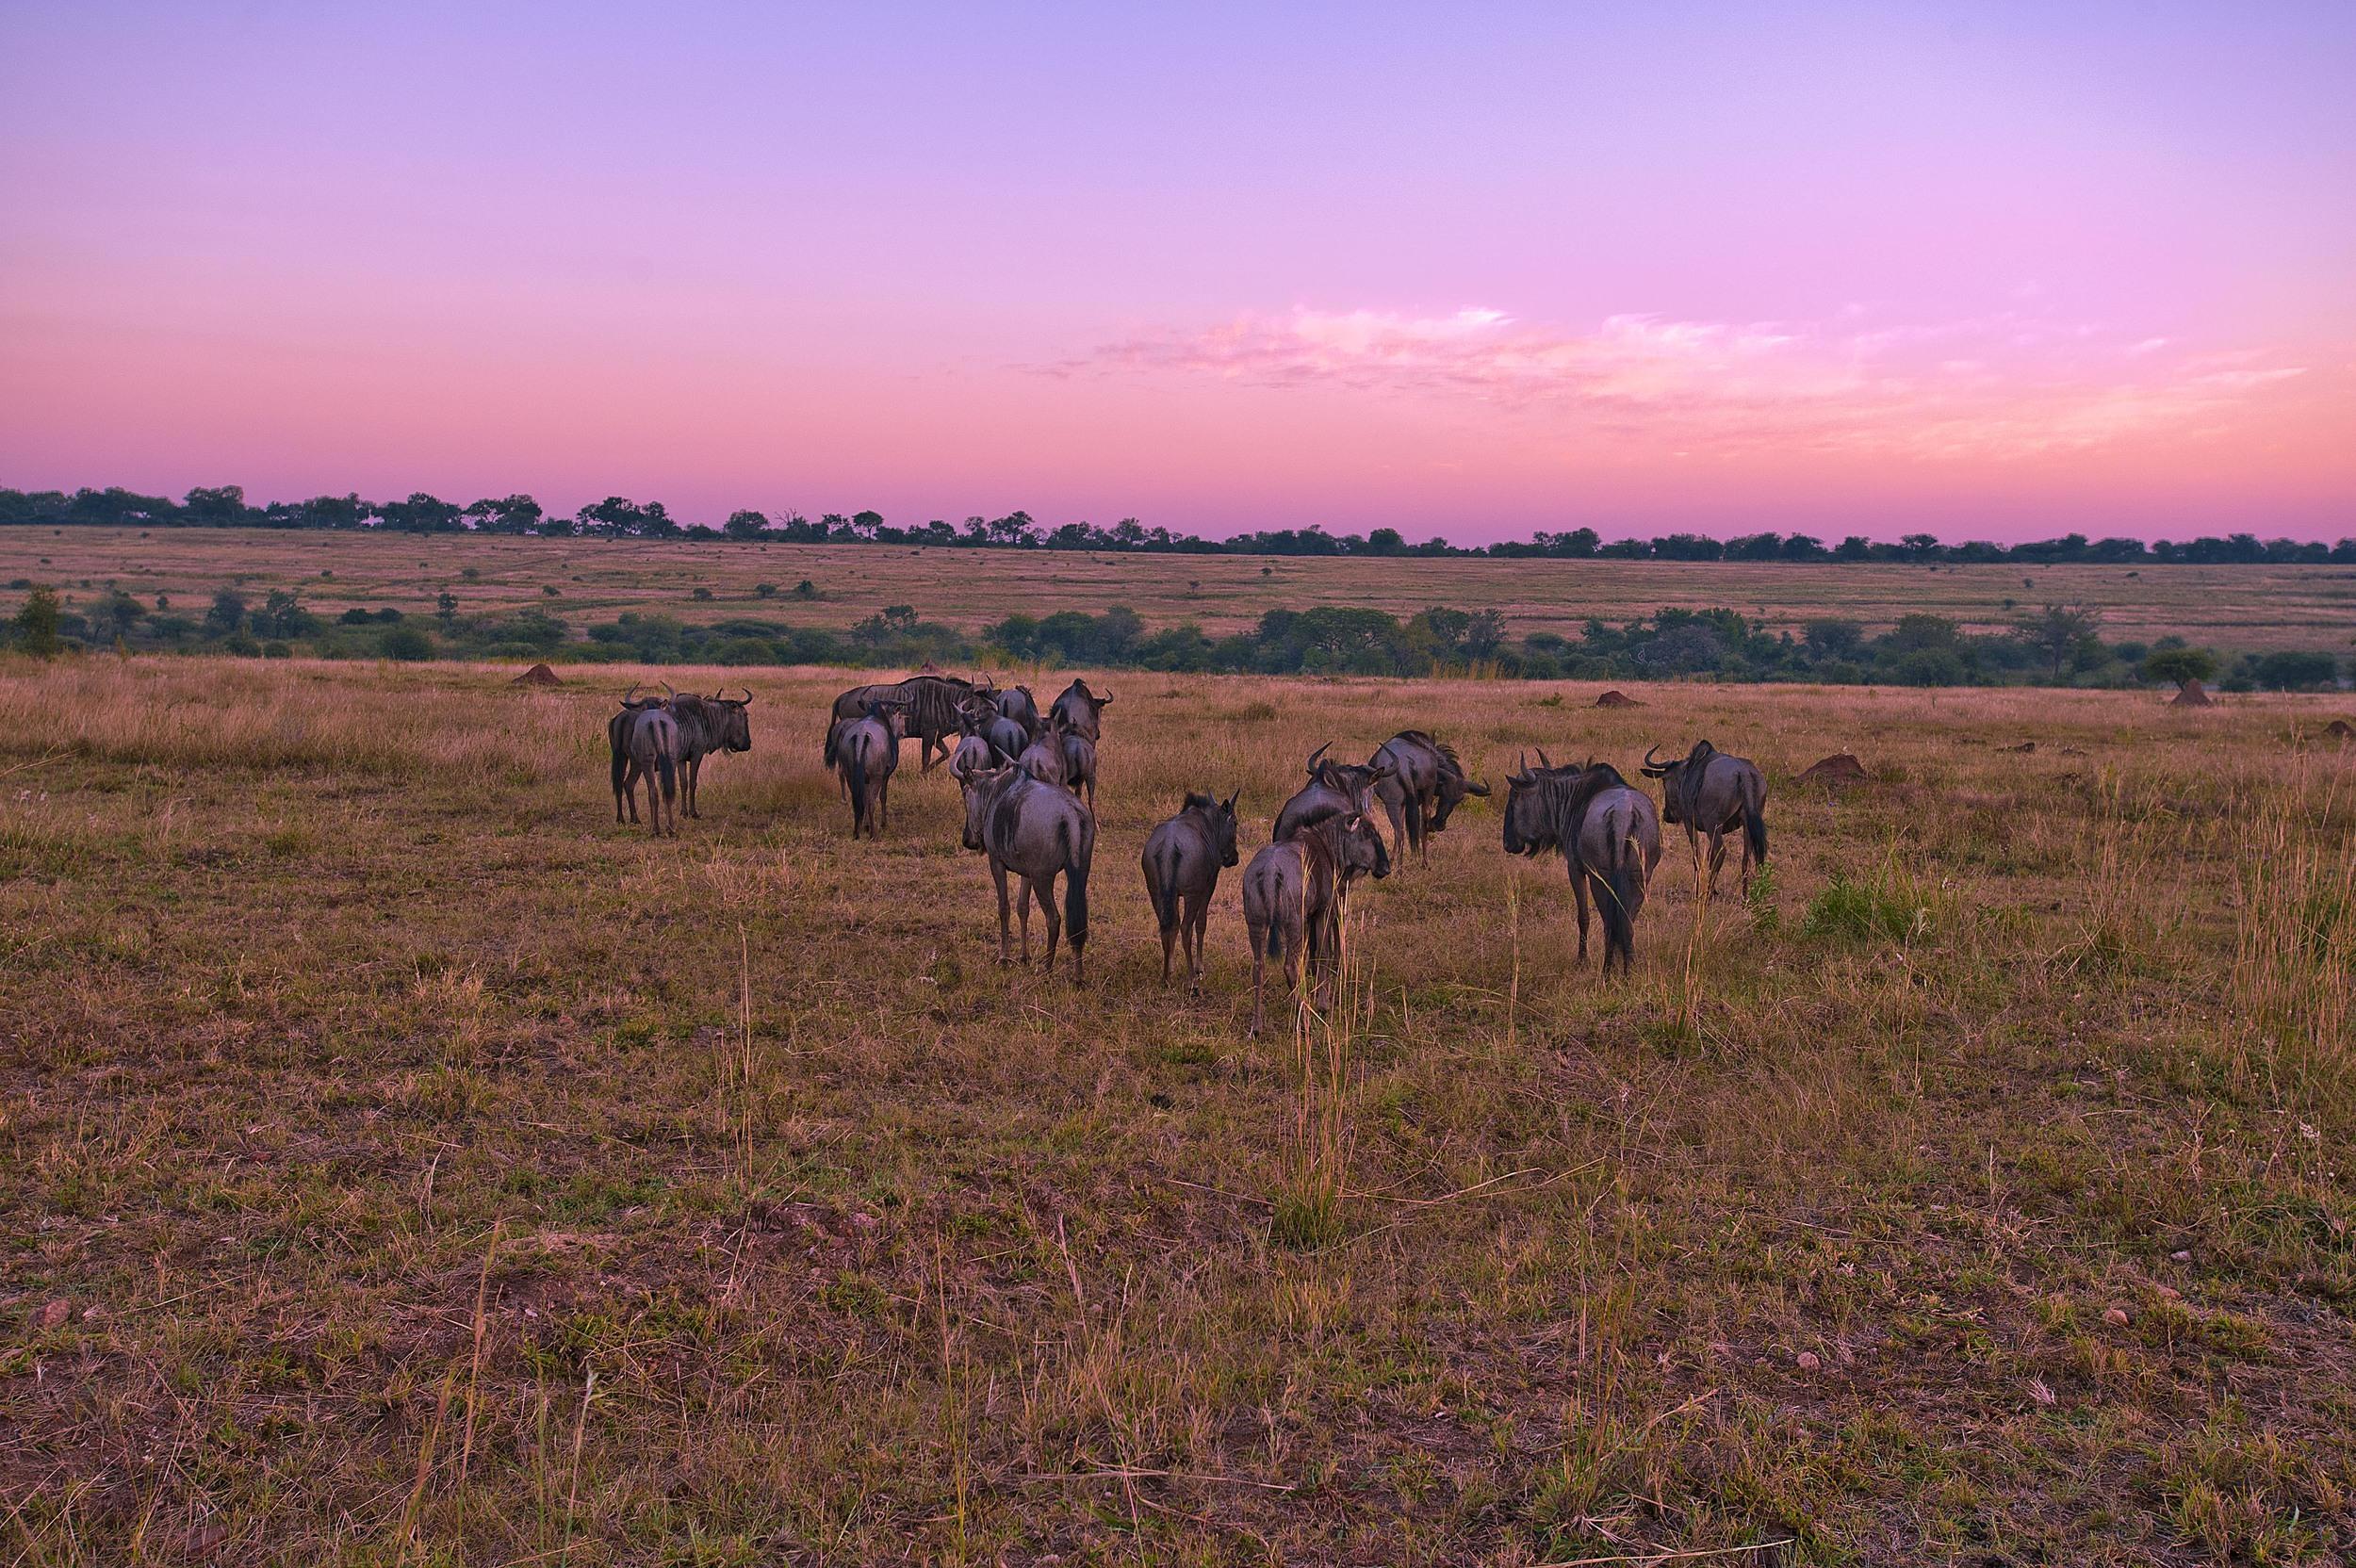 130420_DSC4351-1 Wildebeest at Sunset.jpg